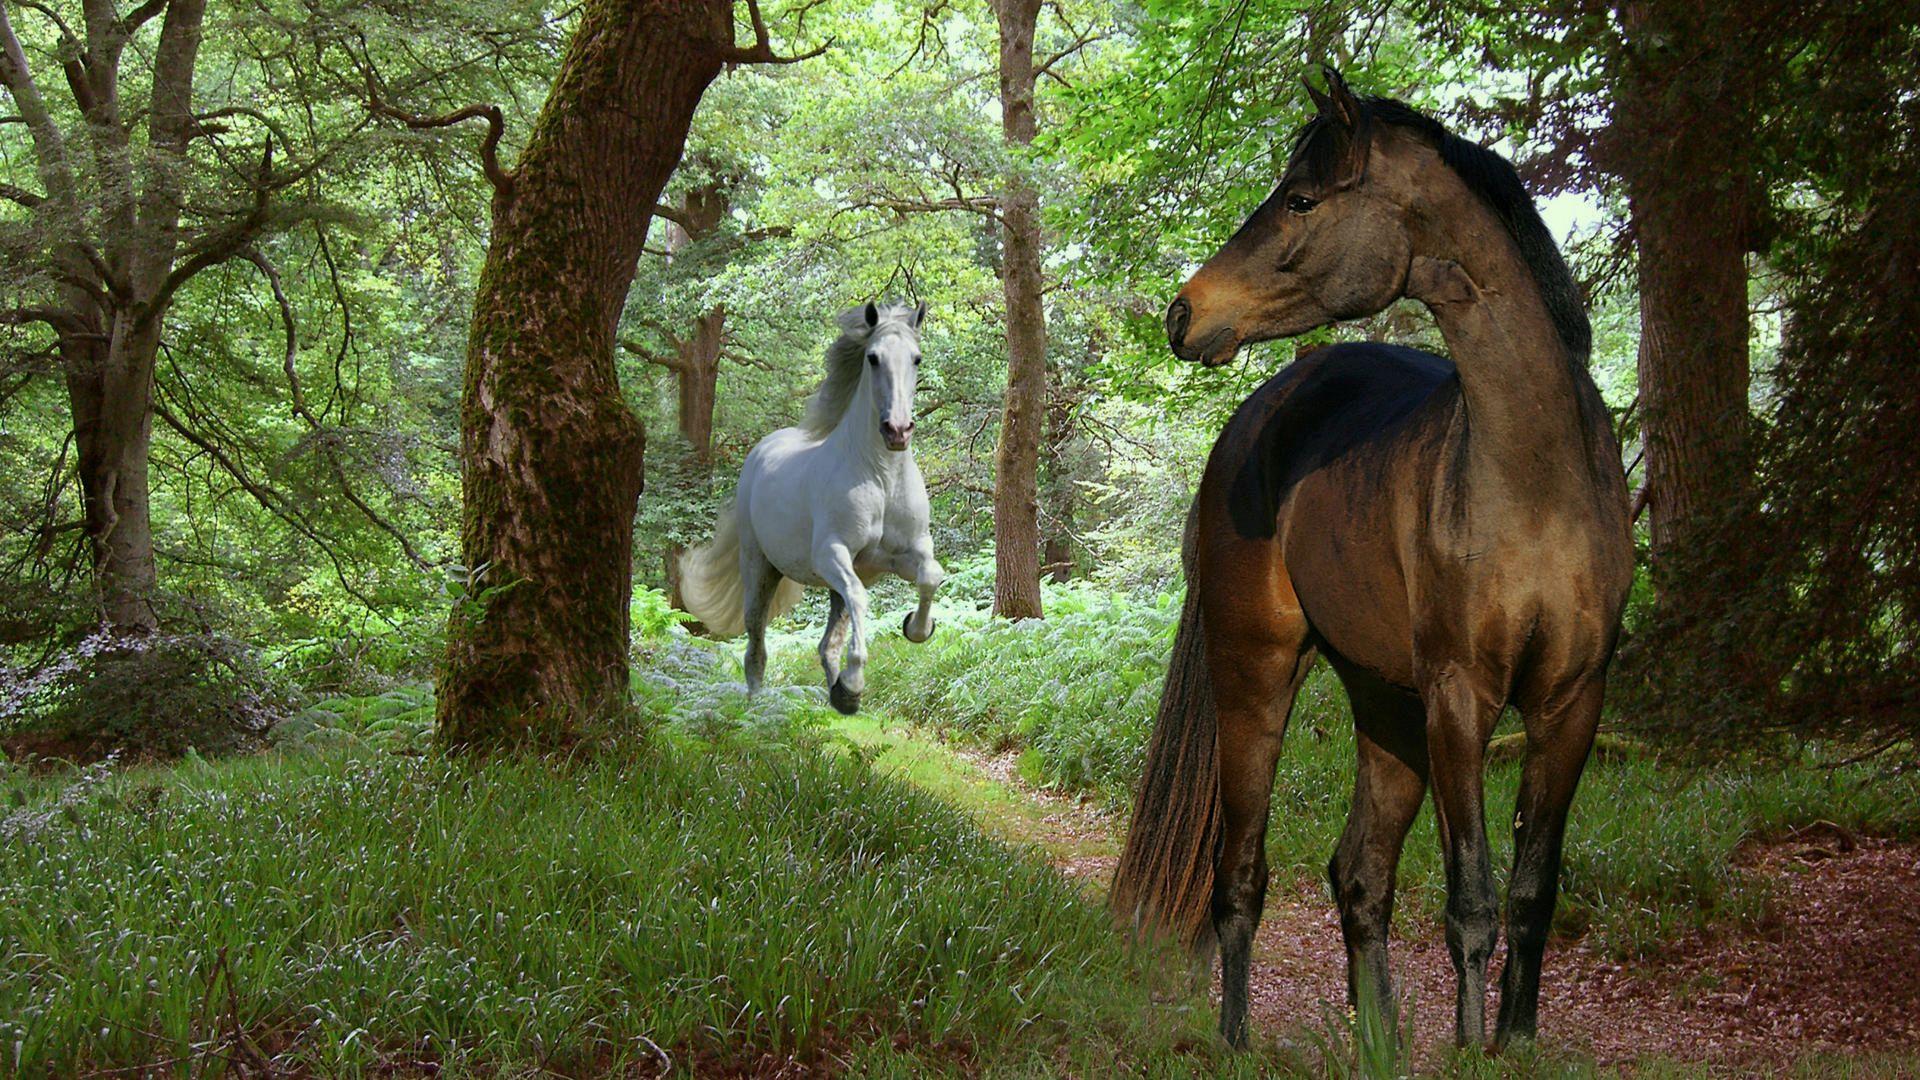 обои на рабочий стол 1920 1080 с лошадьми № 251446 бесплатно